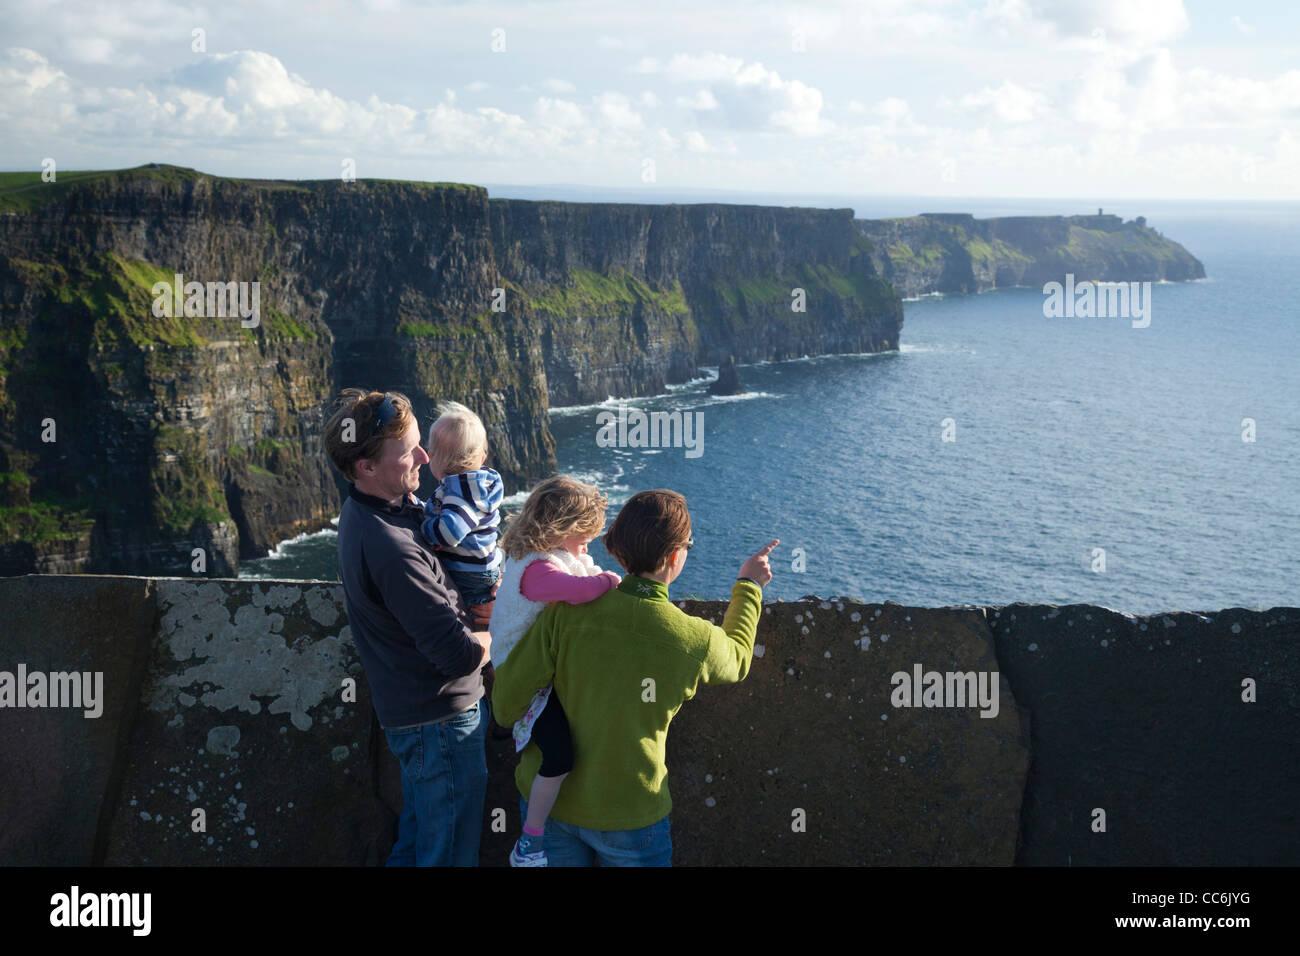 Familie genießen den Blick auf die Cliffs of Moher, Burren, County Clare, Irland. Stockbild